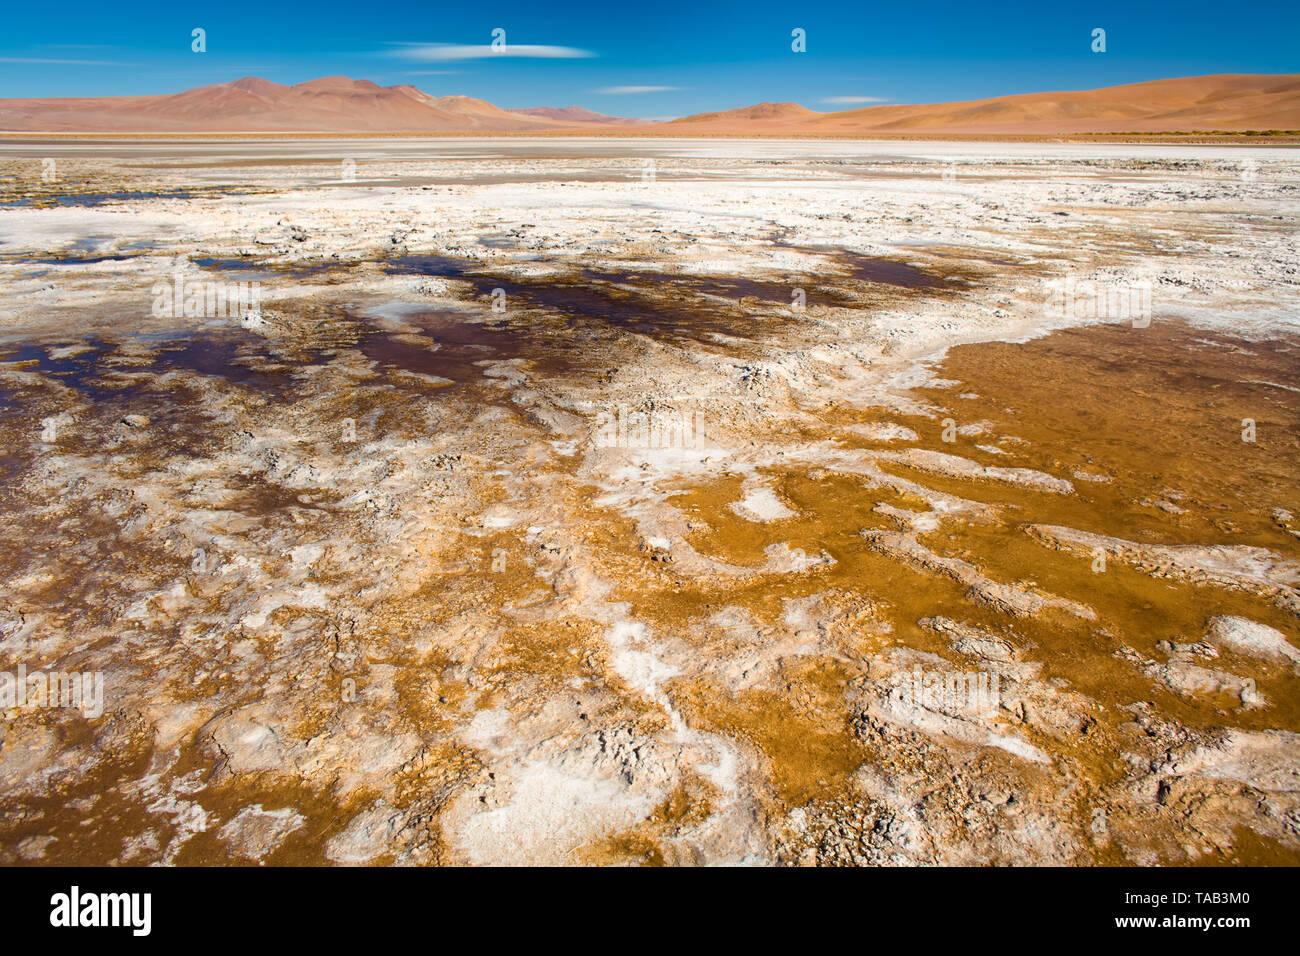 Salt crust at the shore of  Salar del Quisquiro, spanish for Quisquiro Salt Lake in the Altiplano at an altitude of 4150m, Atacama desert, Antofagasta - Stock Image